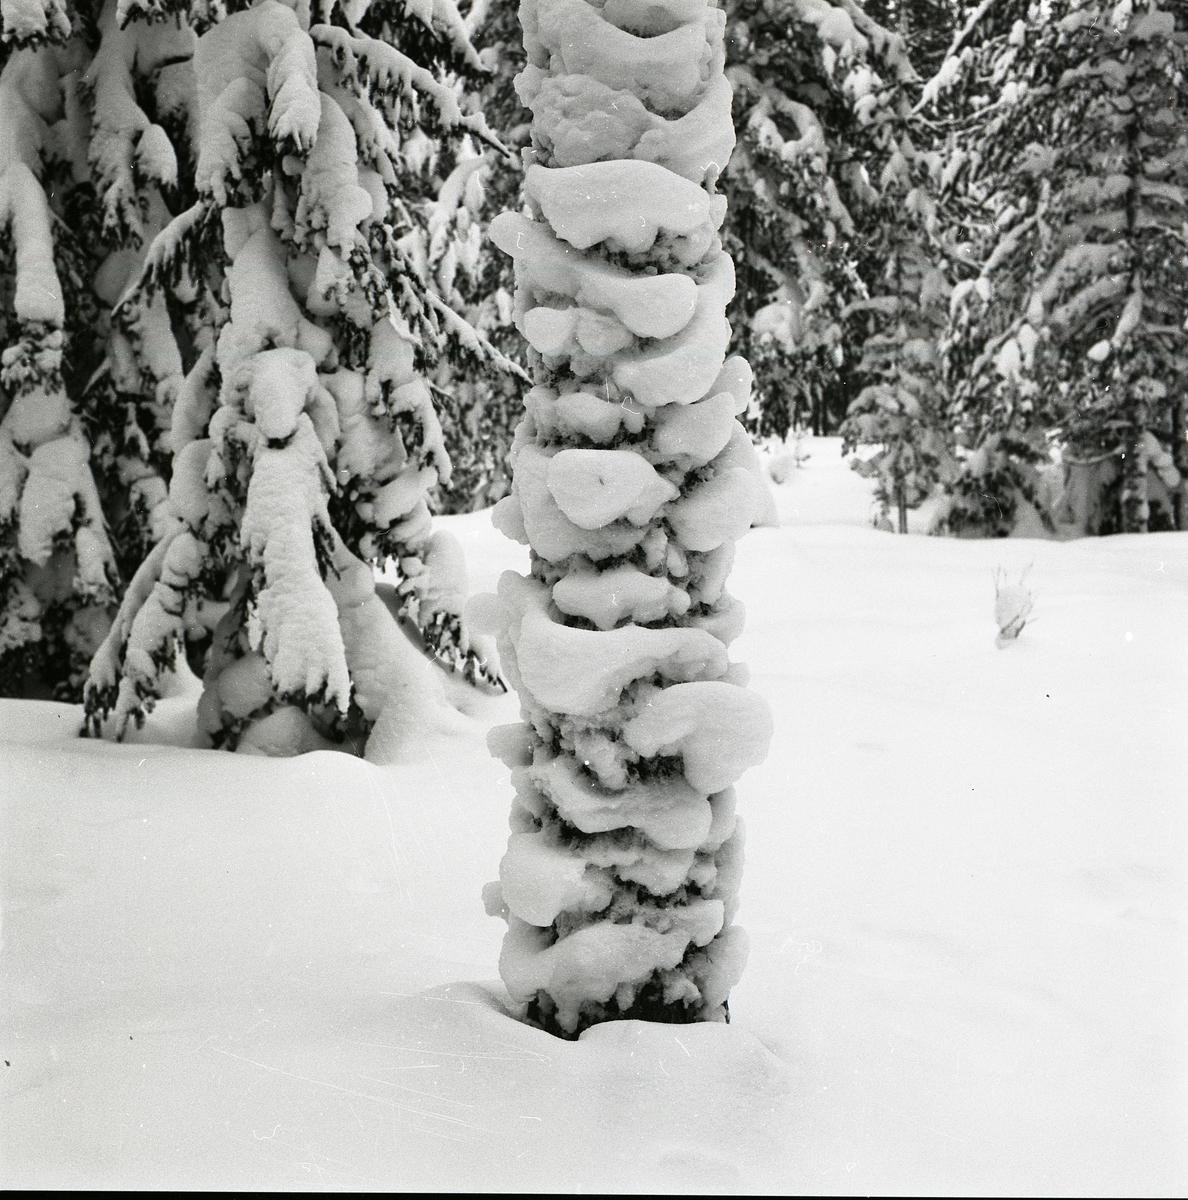 Granskog i snö. Vid Hölesjön, troligen 17 april 1979.